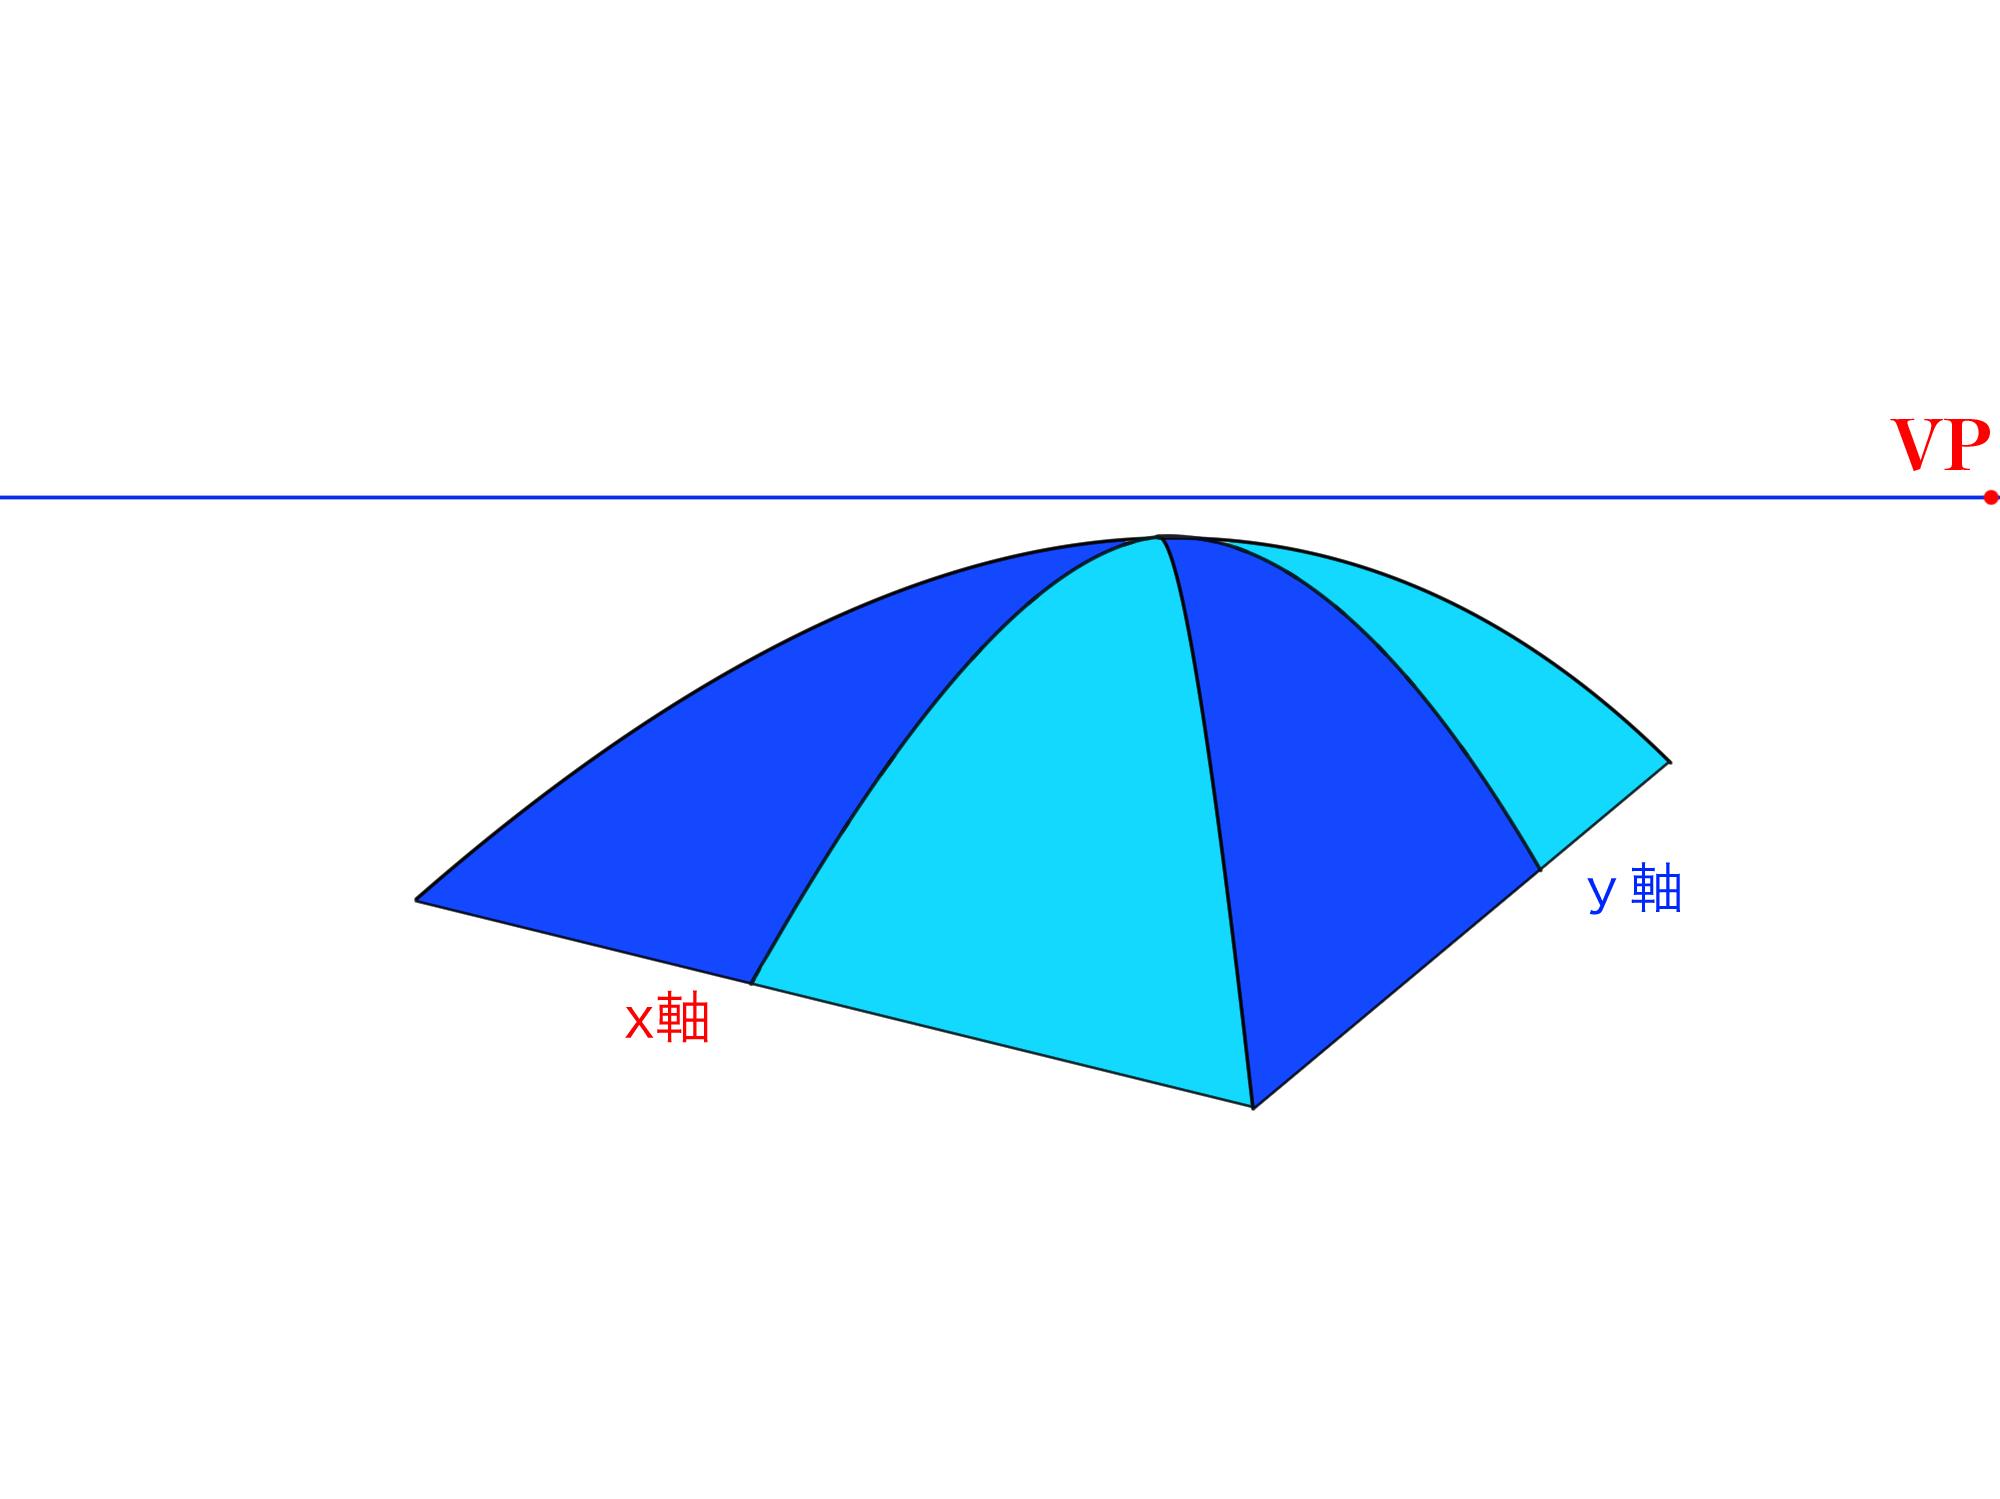 2軸から曲面を描く④